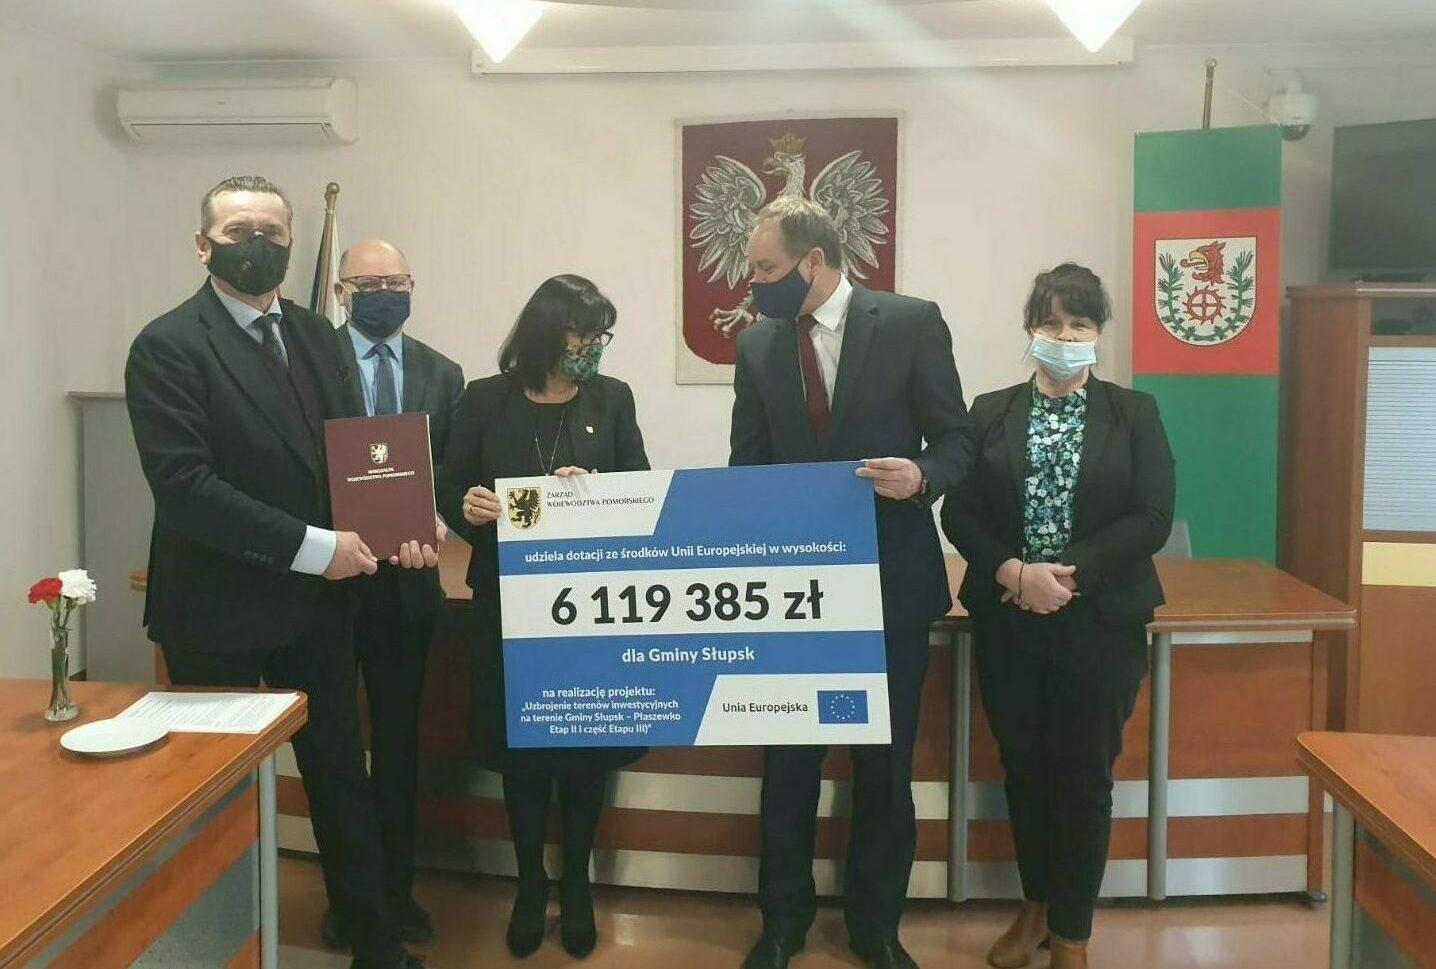 Marszałkowie Mieczysław Struk i Leszek Bonna podpisują z wójt Słupska Barbarą Dykier umowę na dofinansowanie projektu dotyczącego przygotowania terenów inwestycyjnych na obszarze Słupskiej Specjalnej Strefy Ekonomicznej